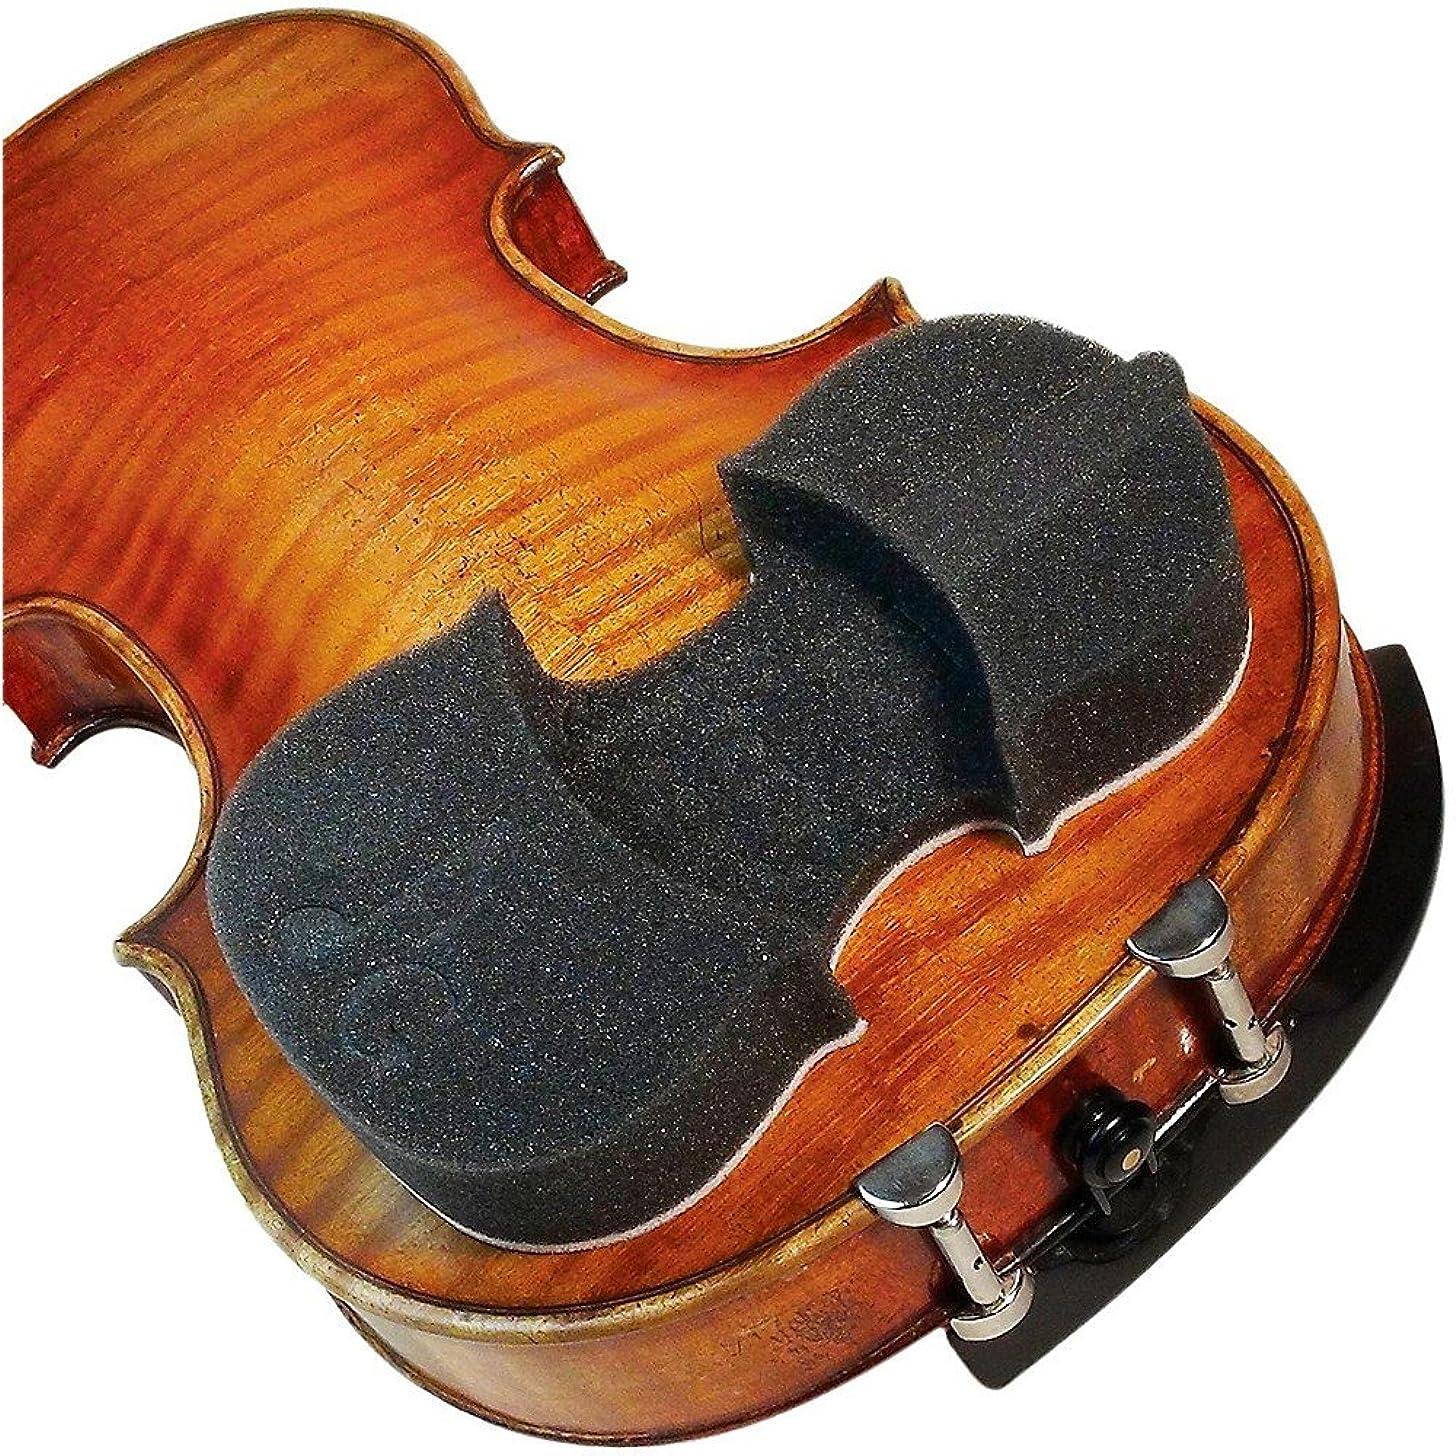 AcoustaGrip Concert Master Shoulder Rest Level 1 Charcoal